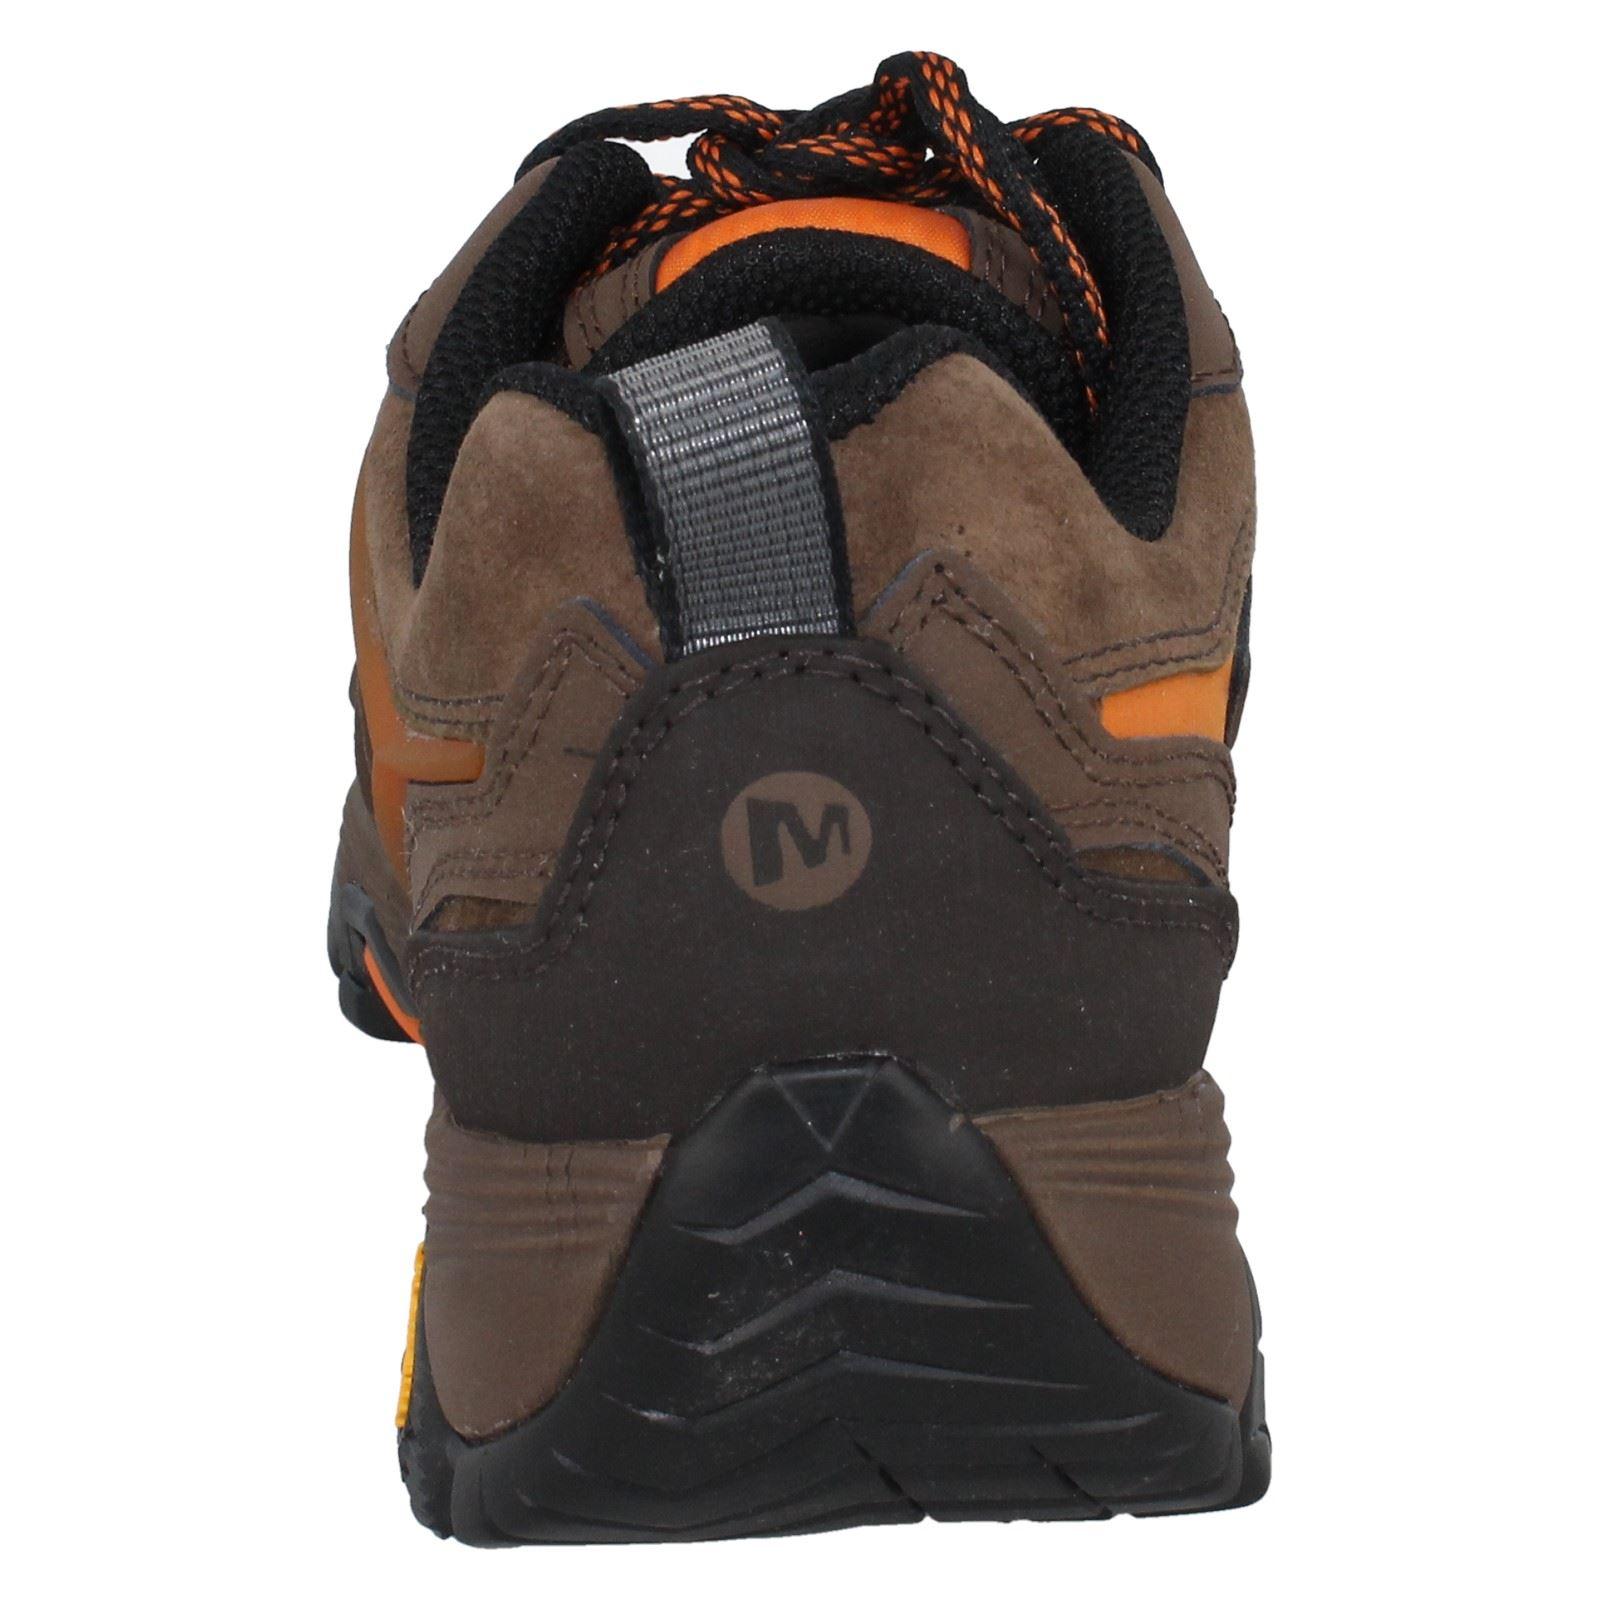 Mens Merrell Moab Fst Ltr GTX Walking/Hiking Trainers J37809